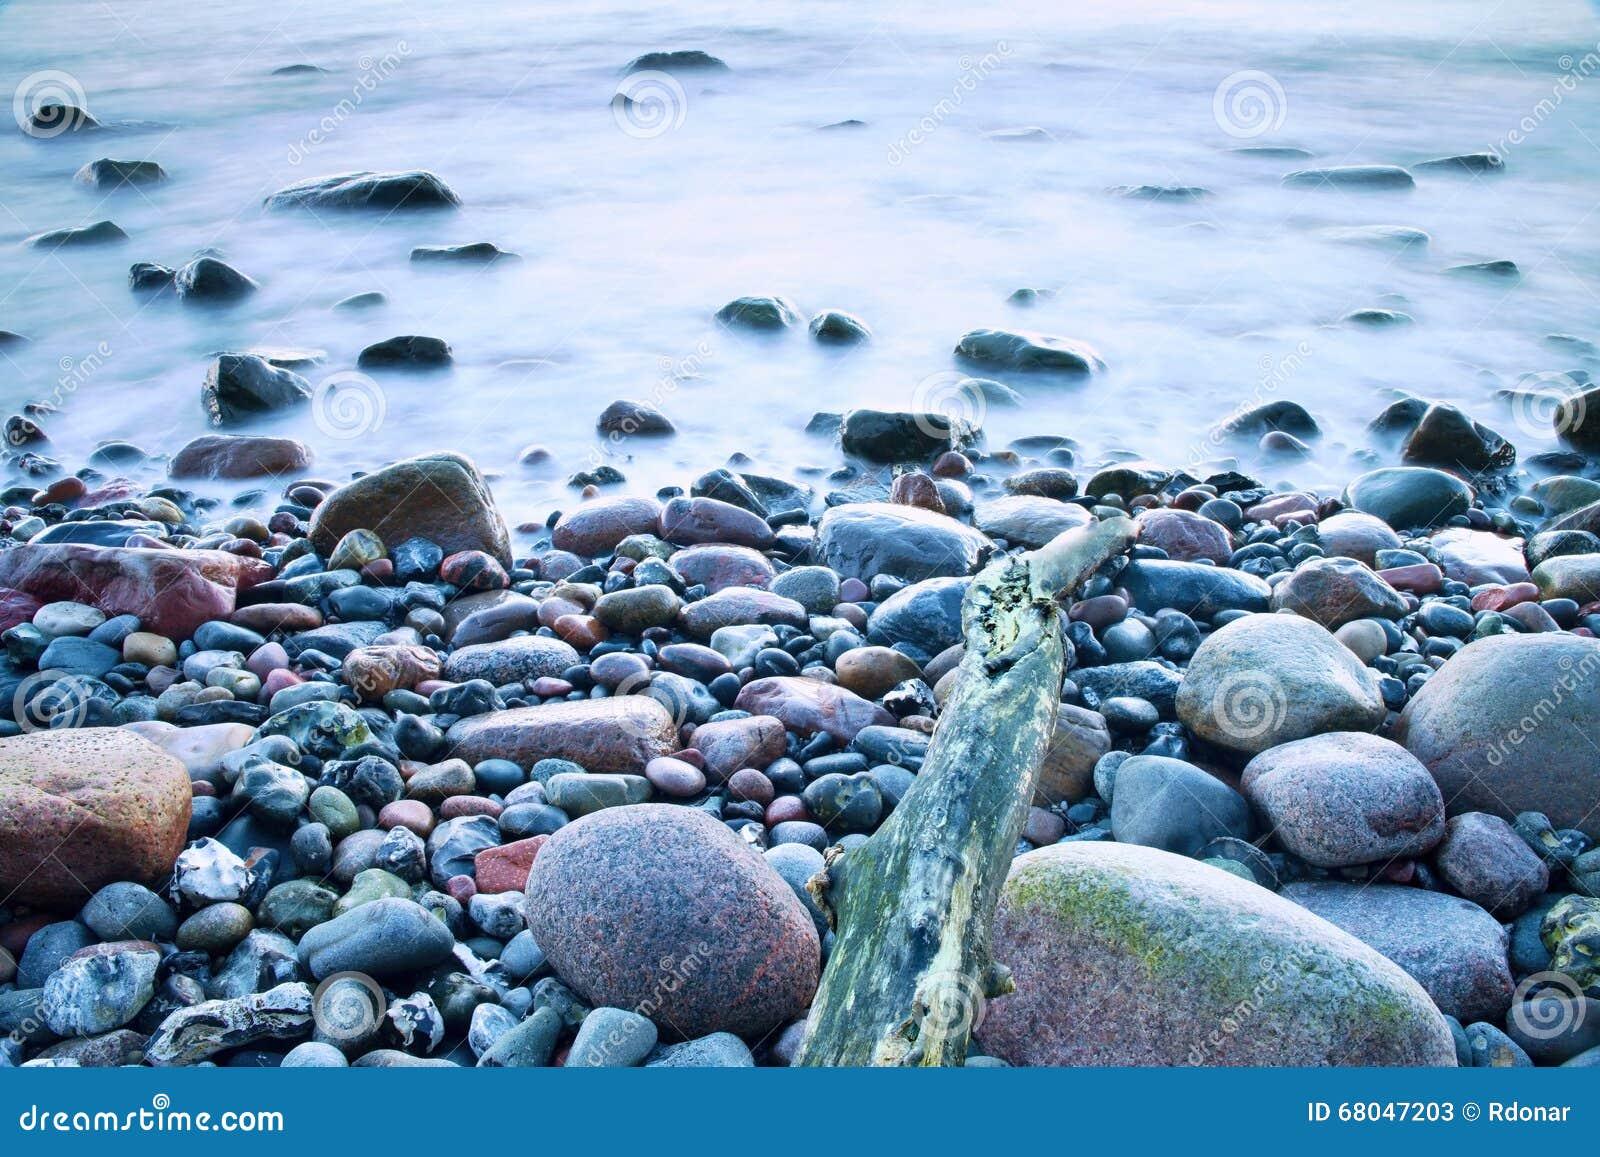 Romantische atmosfeer in vreedzame ochtend op zee grote keien die uit van vlotte golvende - Romantische kameratmosfeer ...